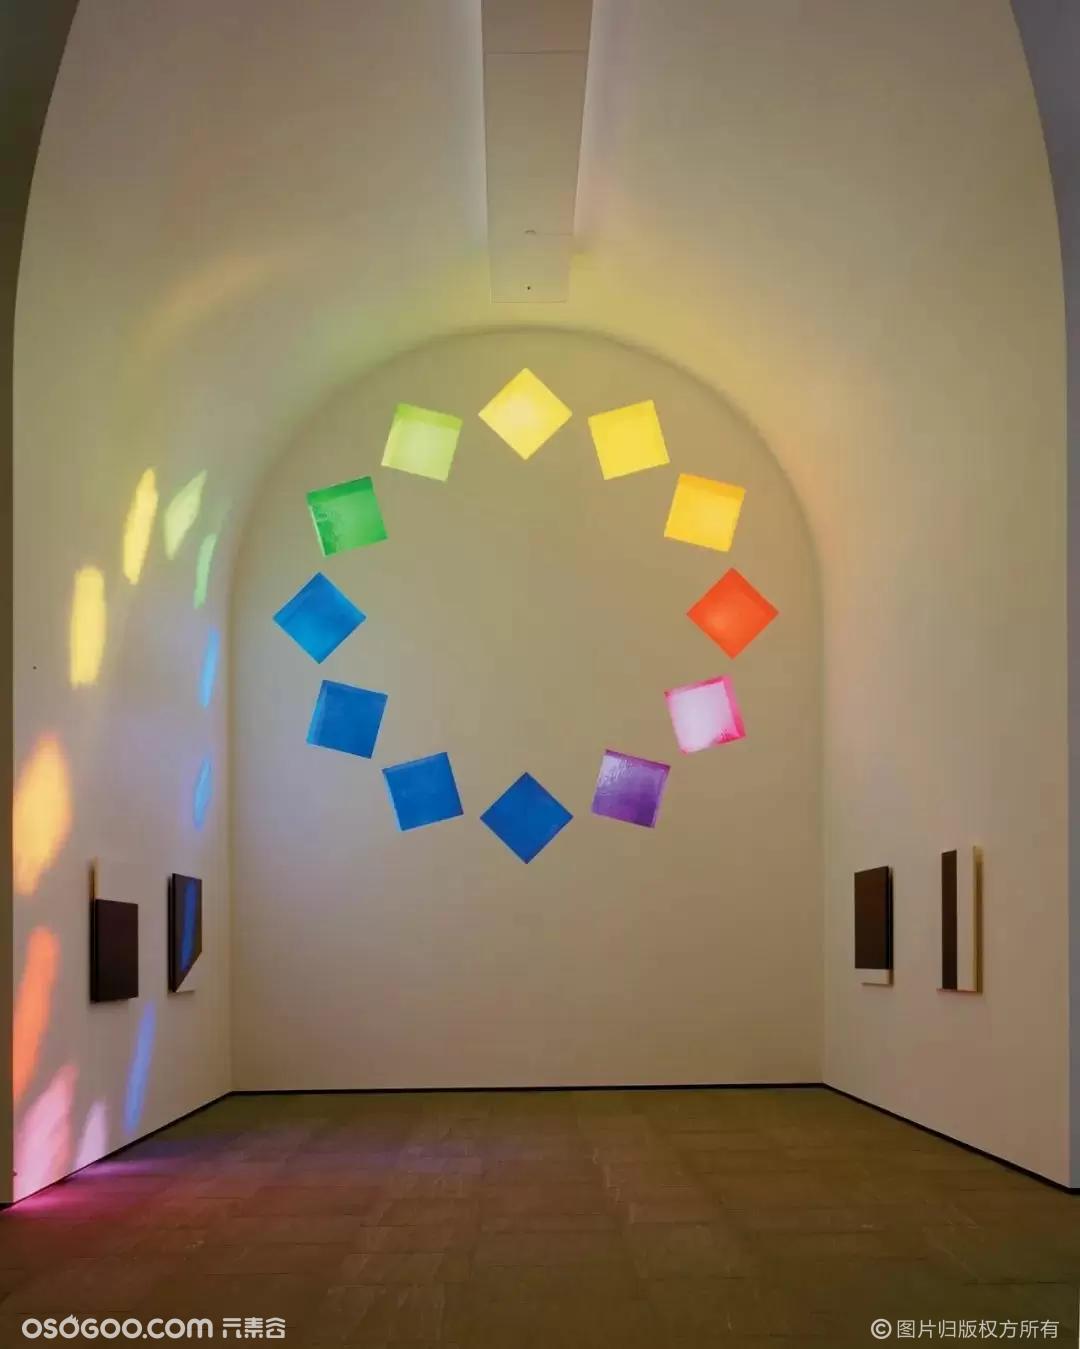 色彩本身是生命,  也赋予生命,带来幸福的彩虹教堂